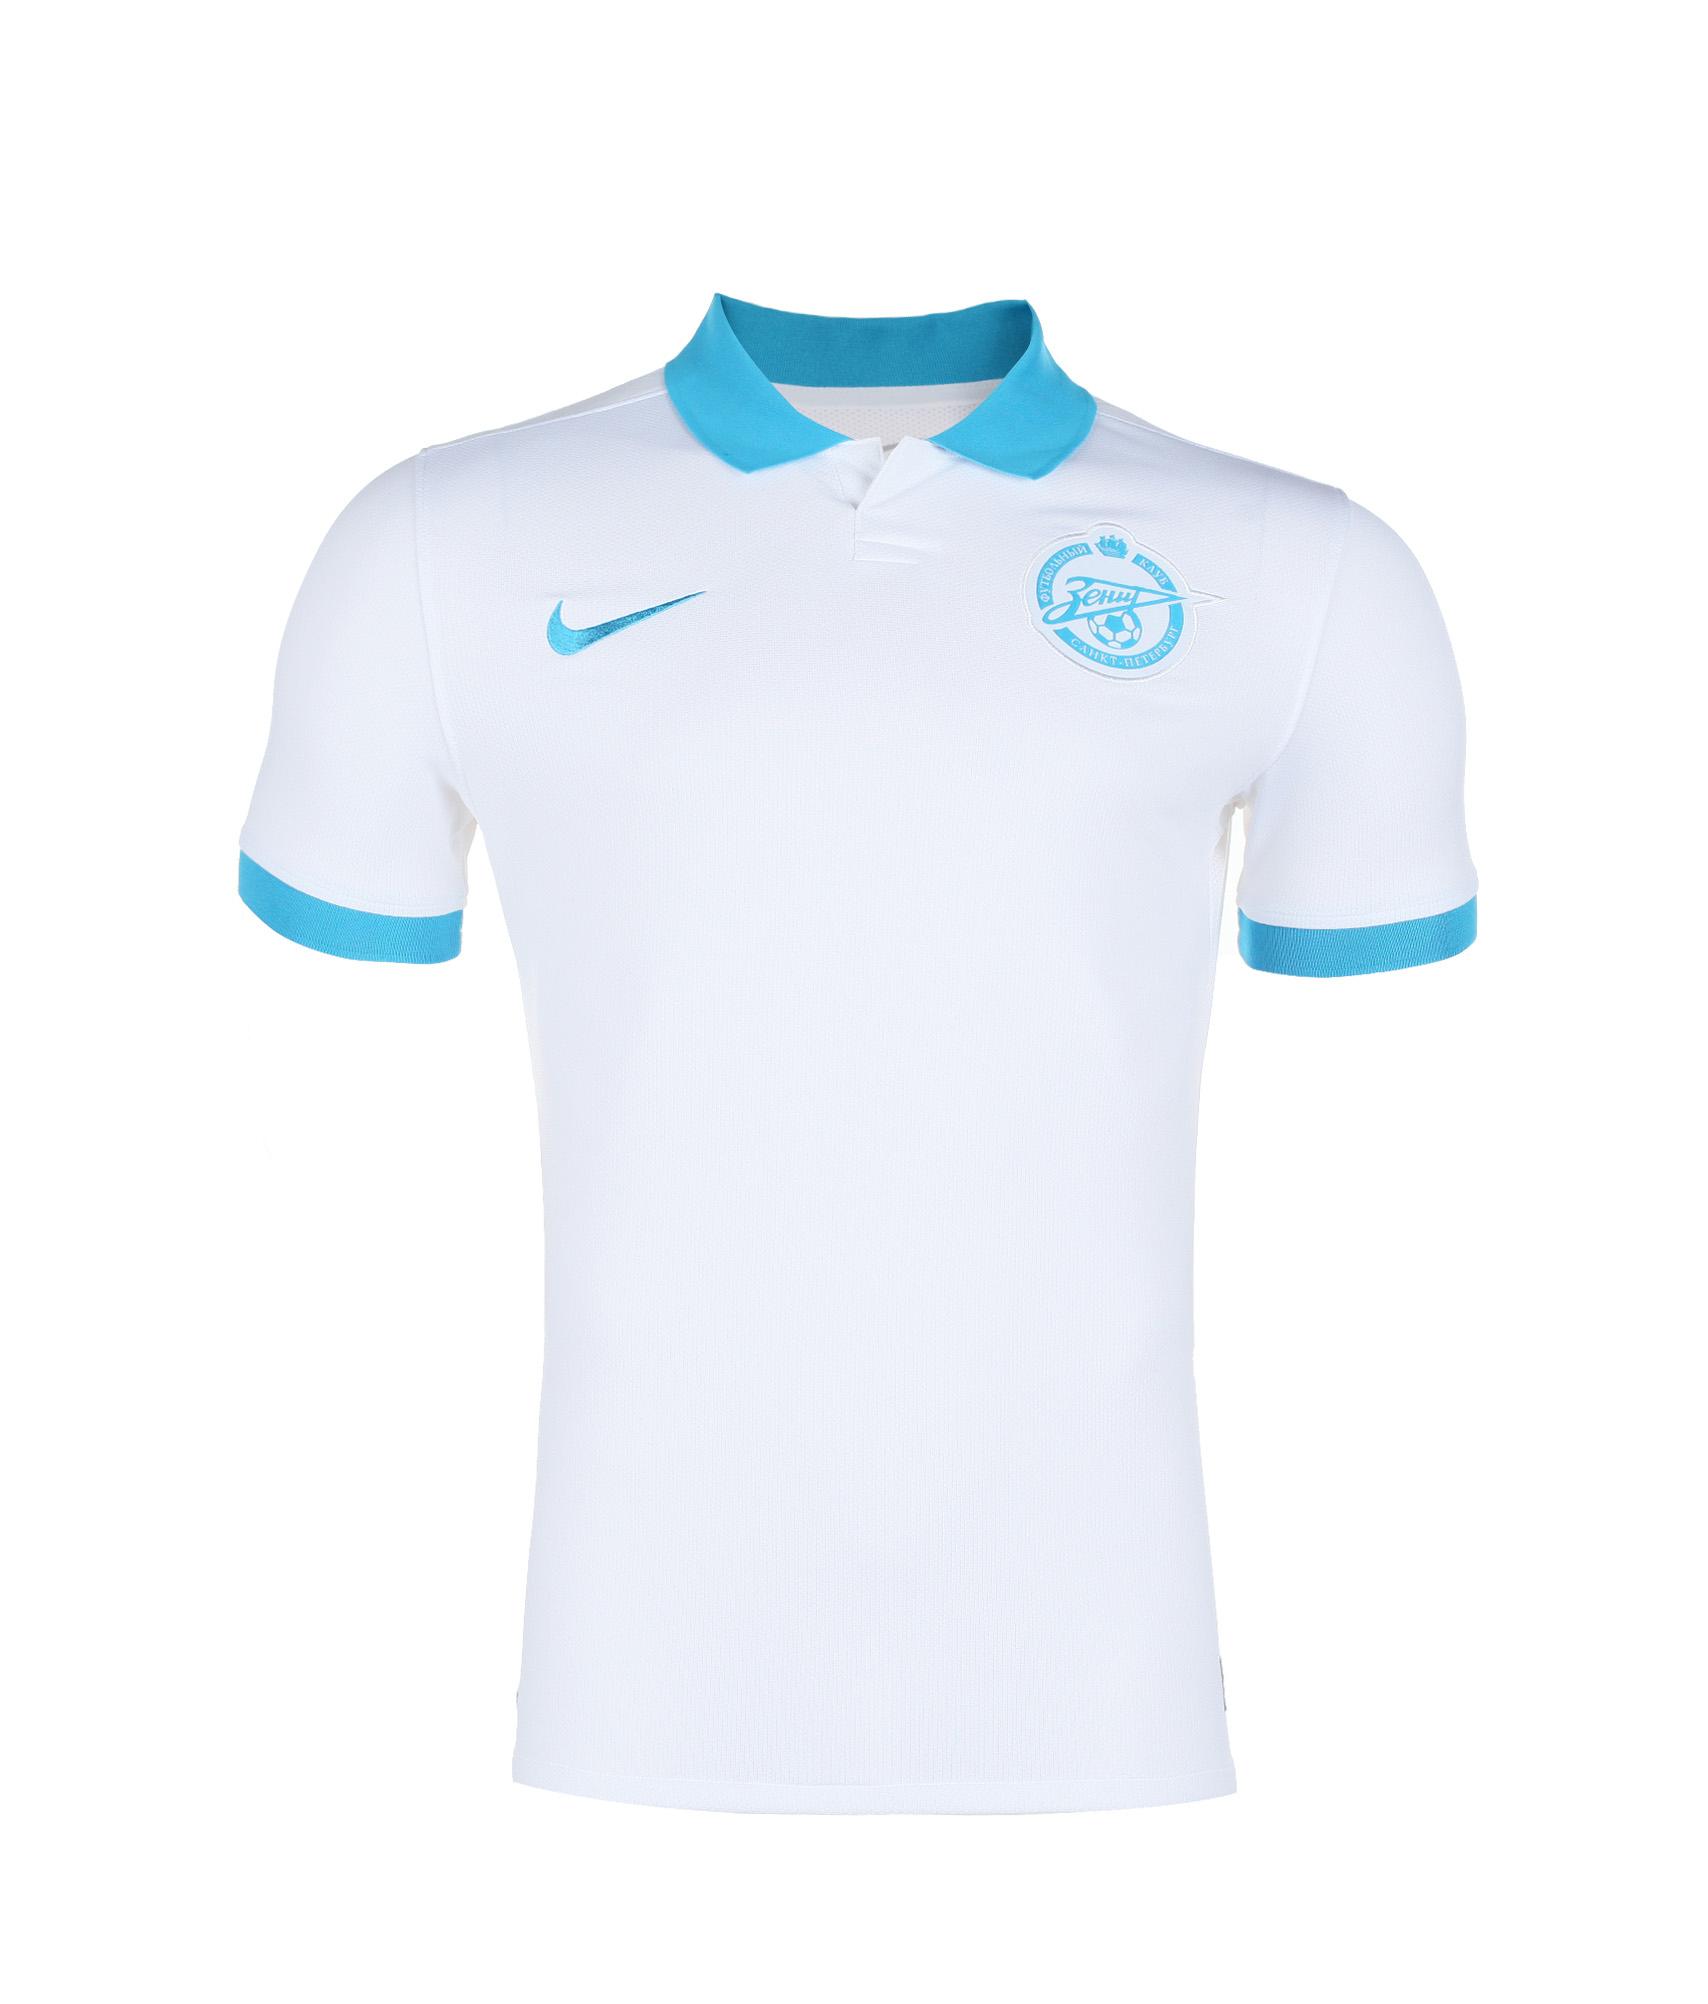 Игровая футболка, Цвет-Белый, Размер-XL